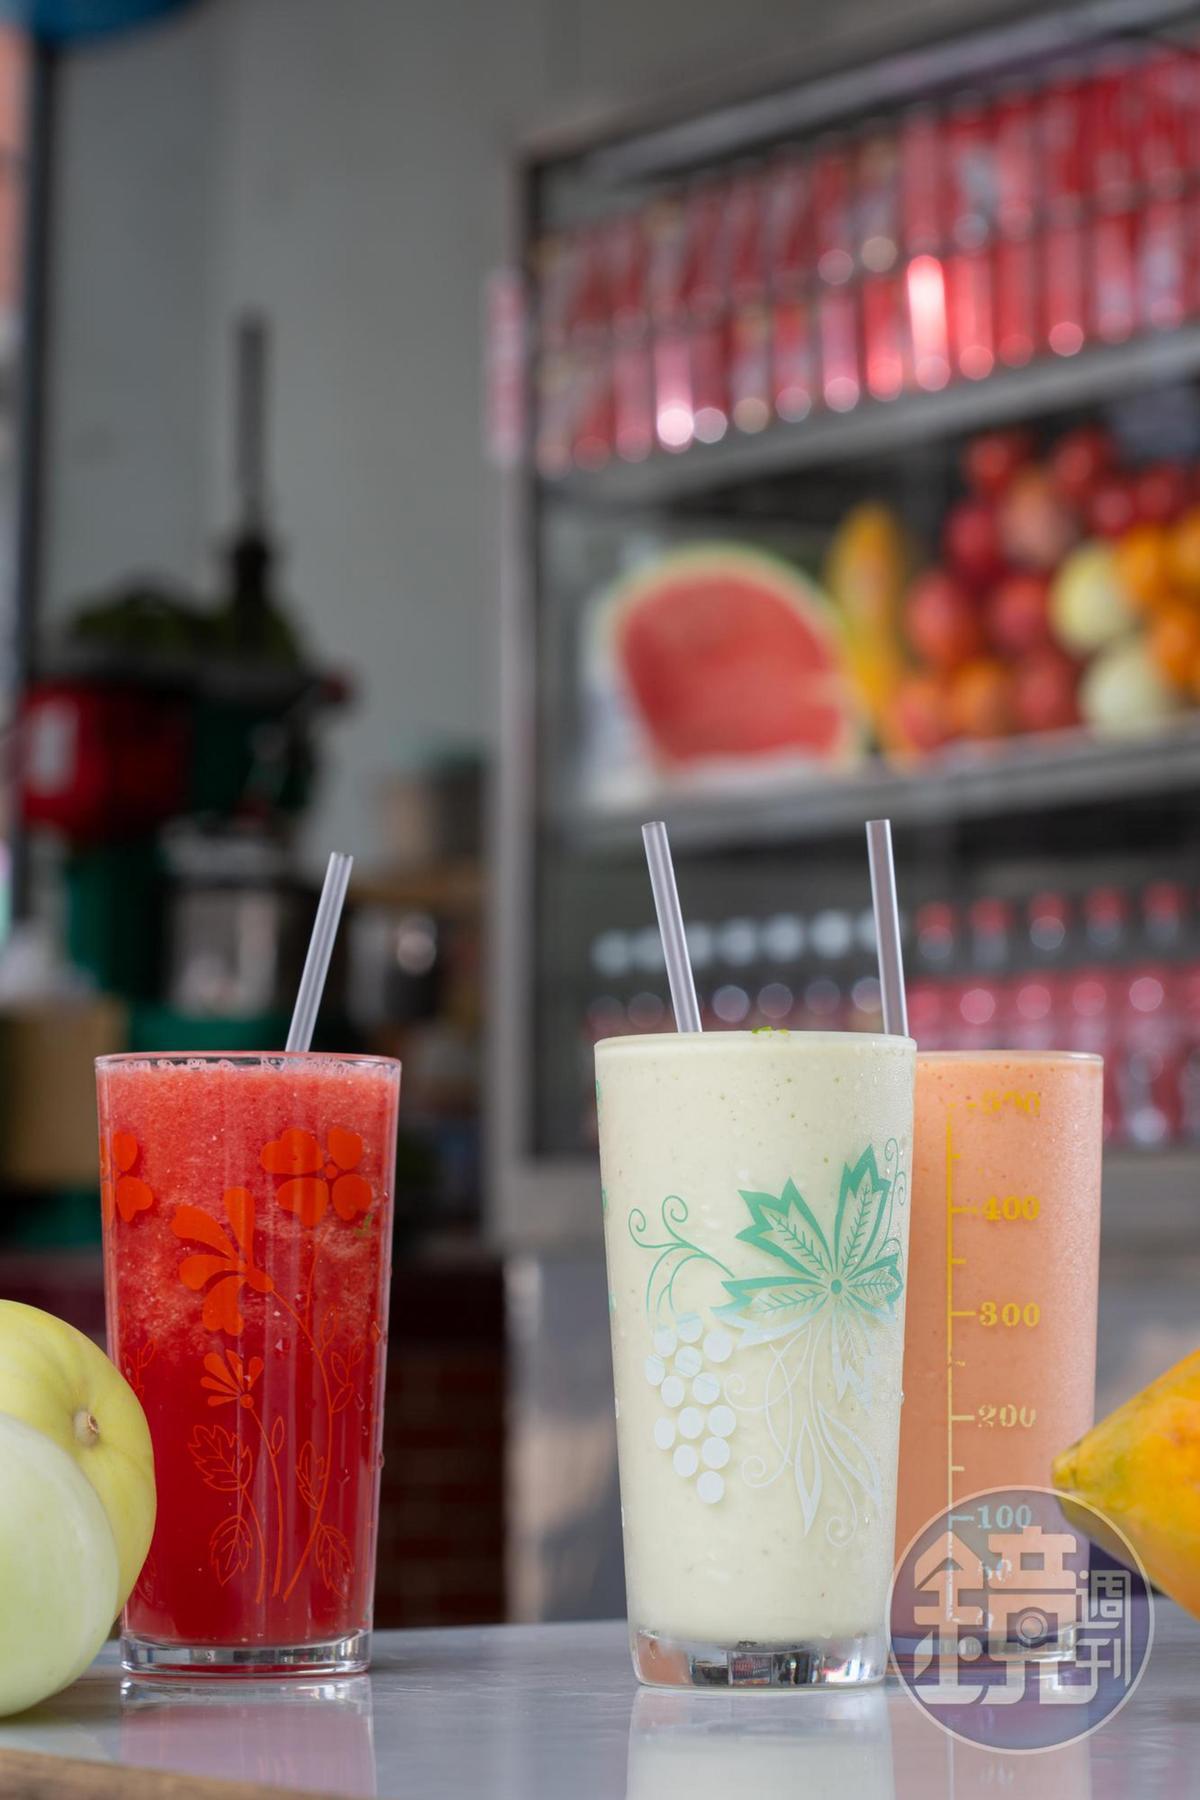 果汁類飲品用料實在,左起依序為「西瓜原汁」(55元/杯)「酪梨牛奶汁」(70元/杯)「木瓜牛奶汁」(60元/杯)。